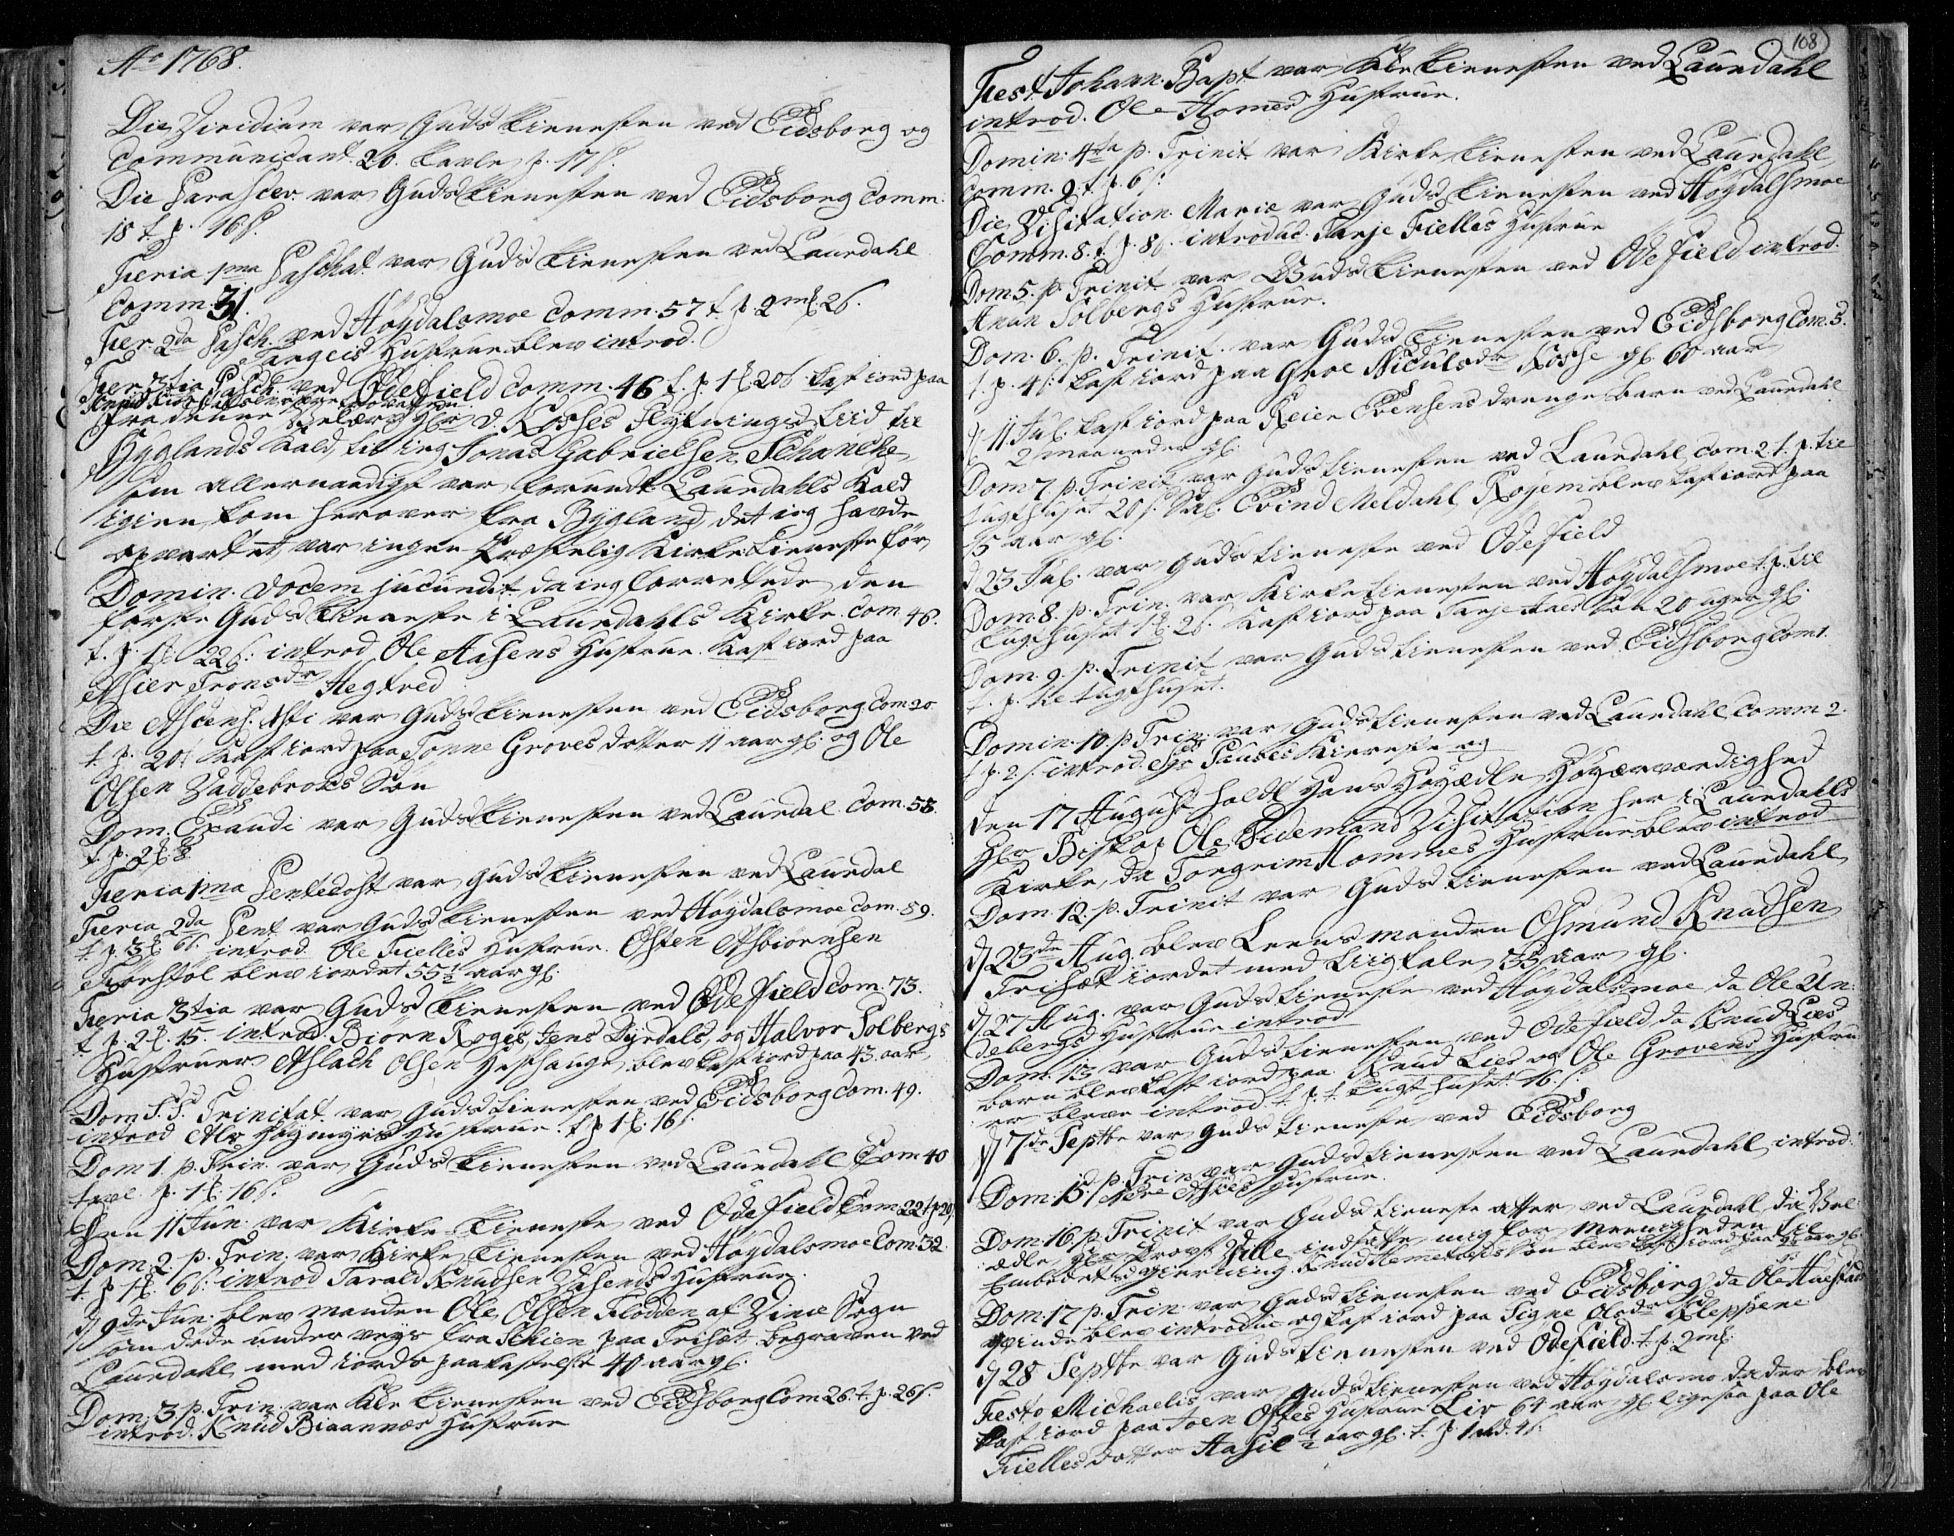 SAKO, Lårdal kirkebøker, F/Fa/L0003: Ministerialbok nr. I 3, 1754-1790, s. 108